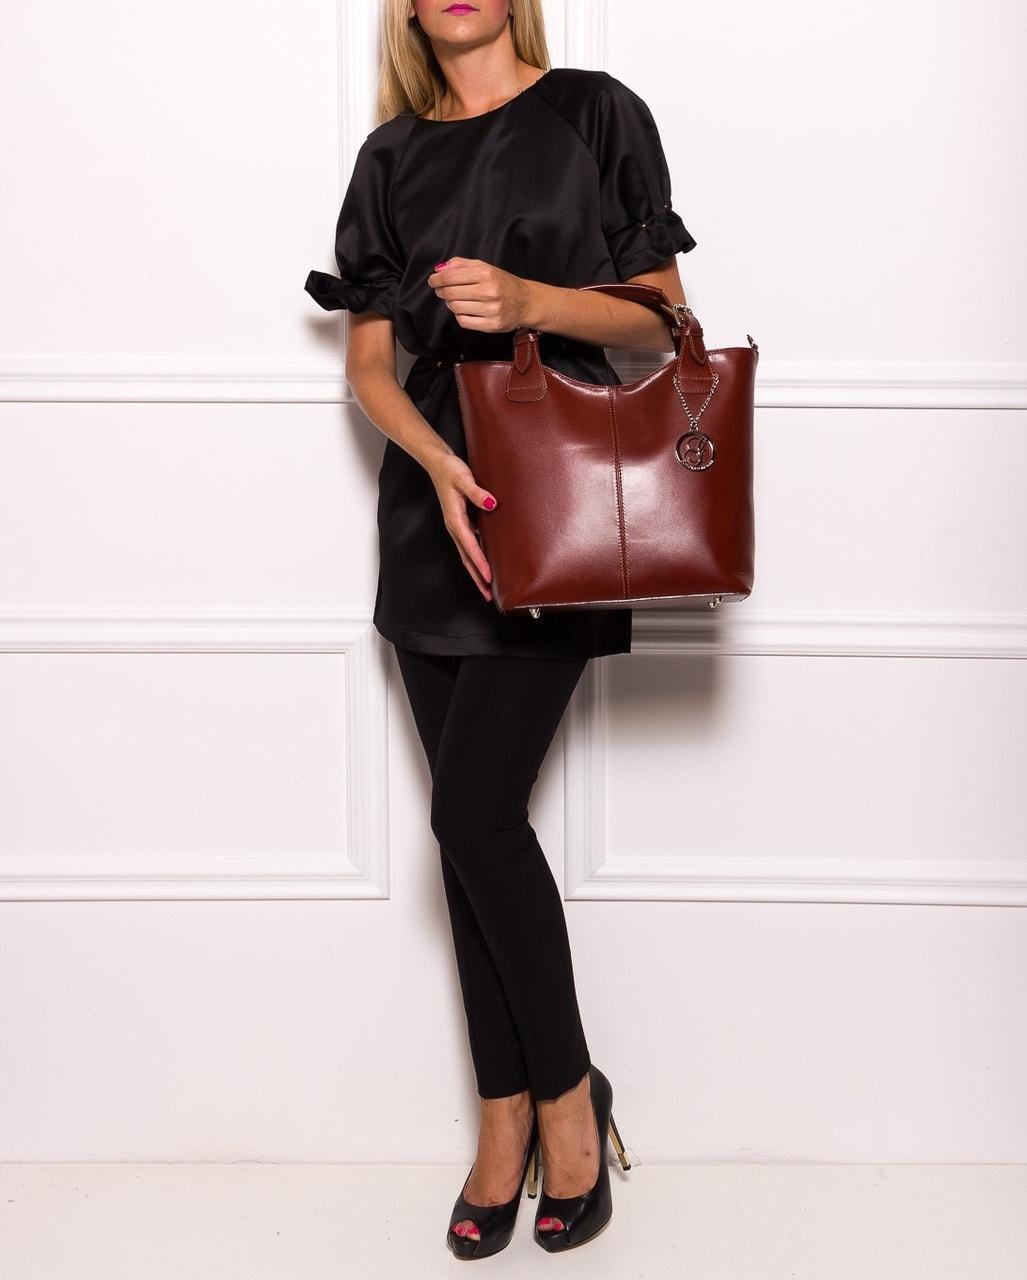 Glamadise.sk - Dámska kožená kabelka do ruky - hnedá - Glamorous by ... 04fc8af23f5